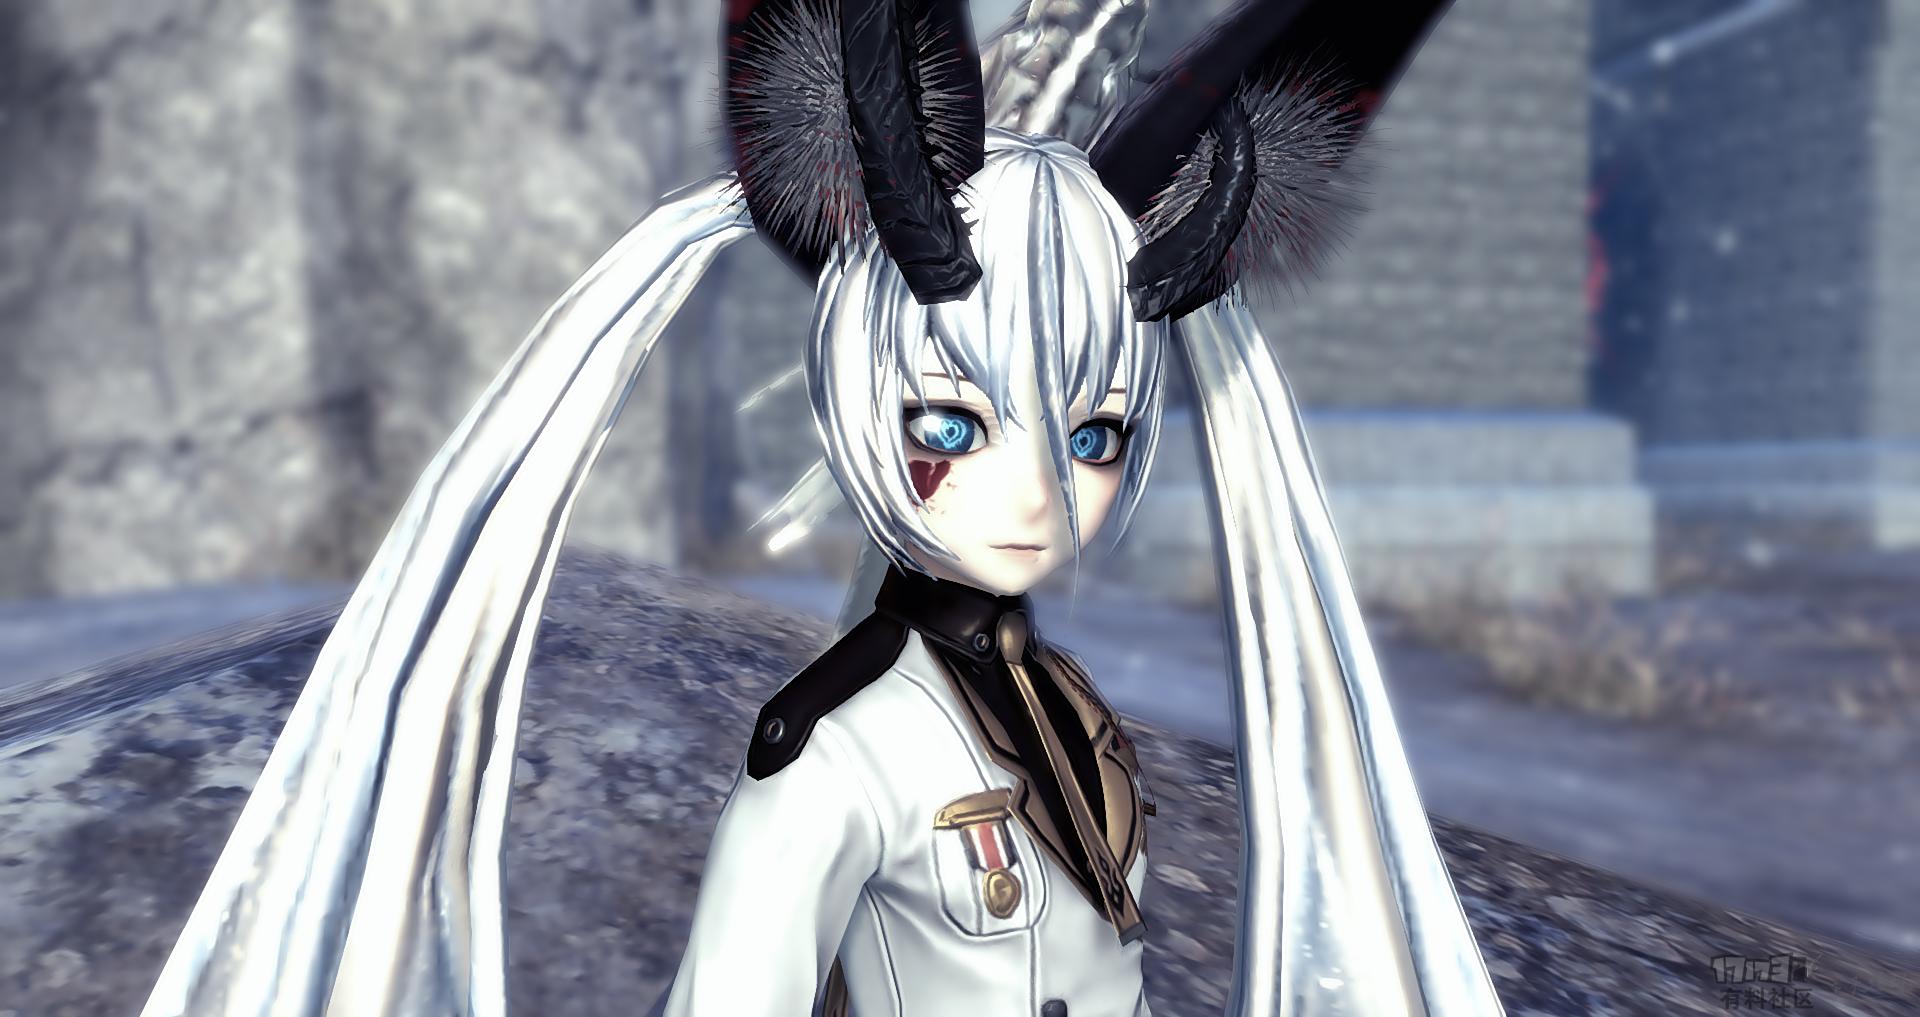 [ 是眼睛啊 ]迷之美瞳…